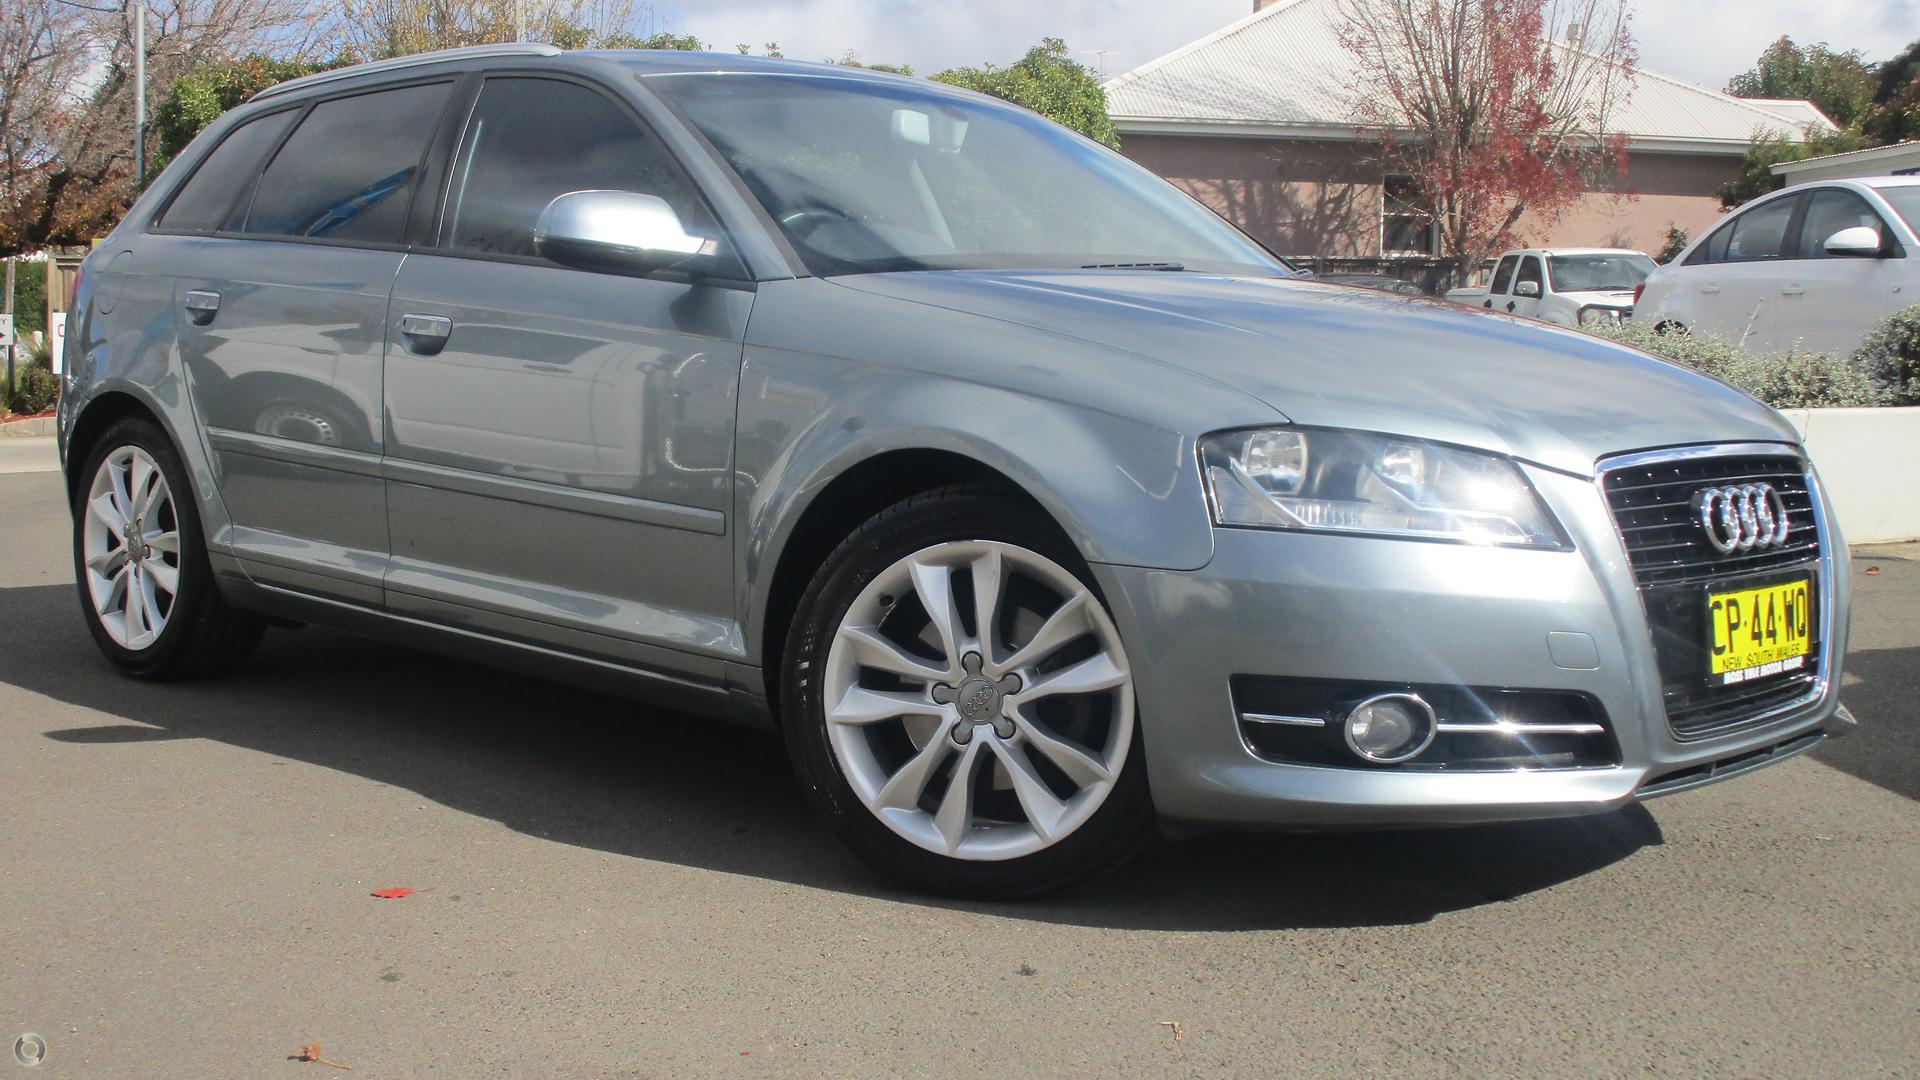 2010 Audi A3 TFSI Ambition 8P